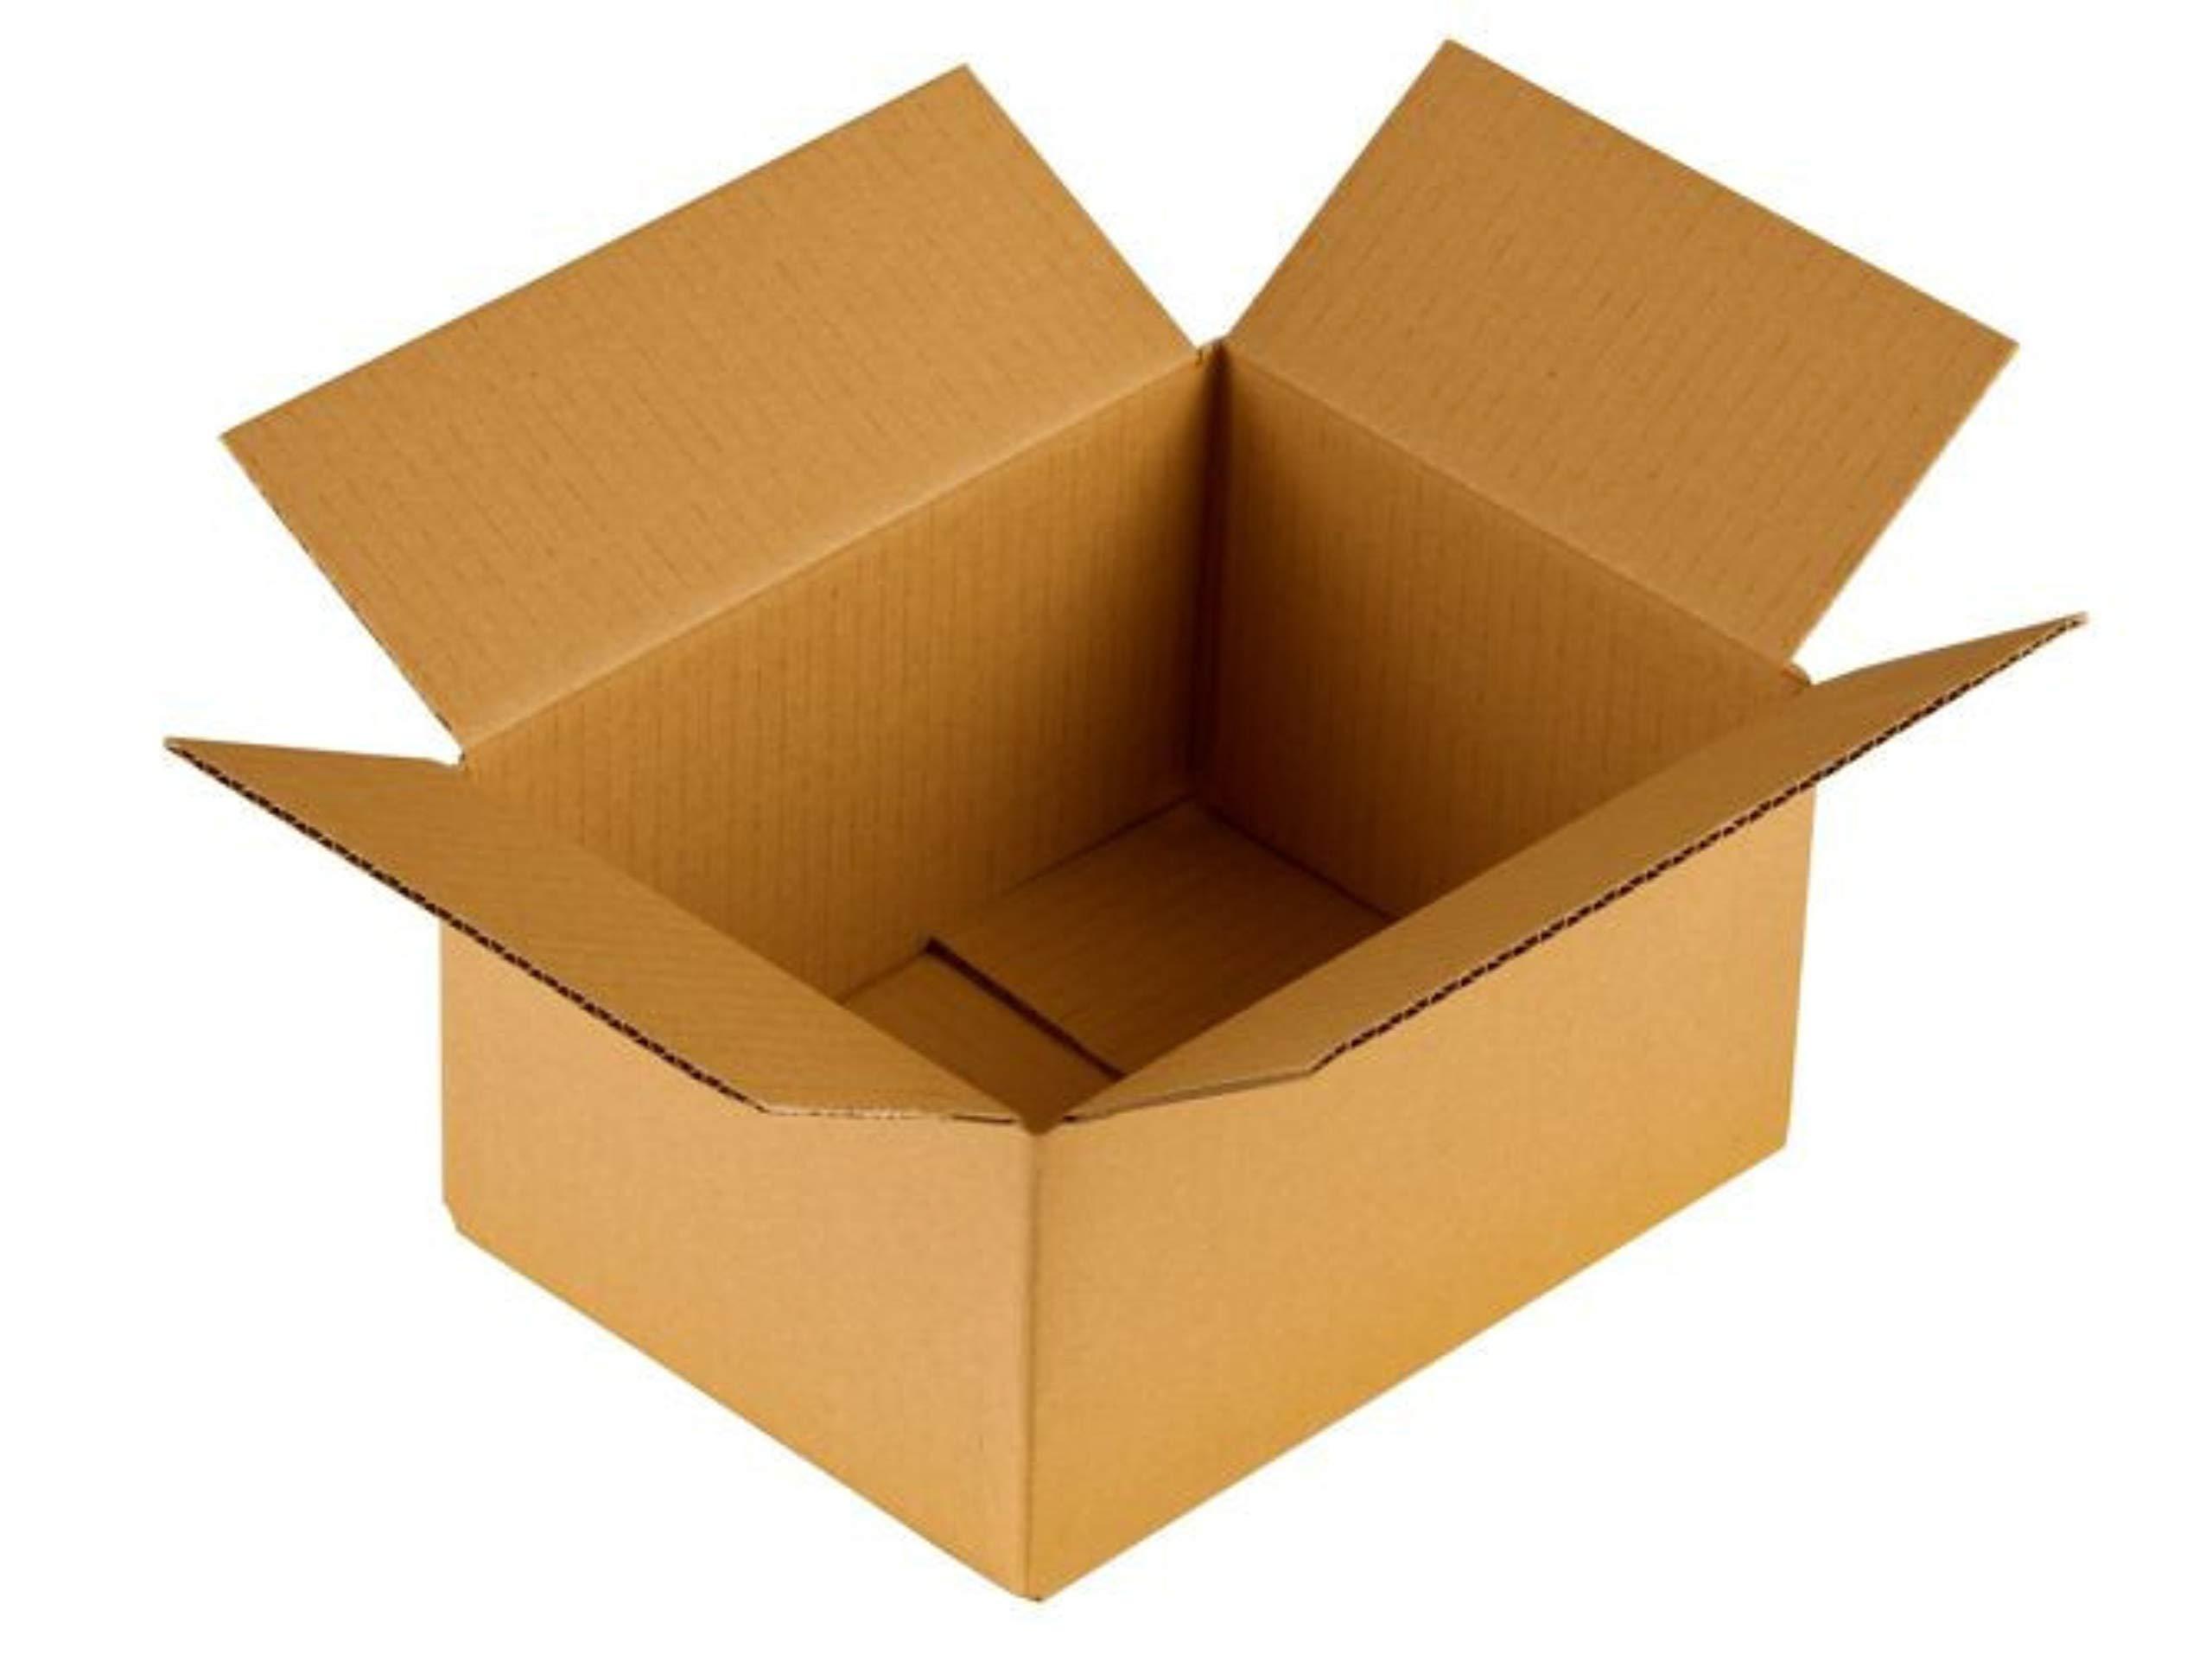 KartonProfis - Caja de cartón (350 x 200 x 100 mm), color marrón, color marrón 350x200x100: Amazon.es: Oficina y papelería